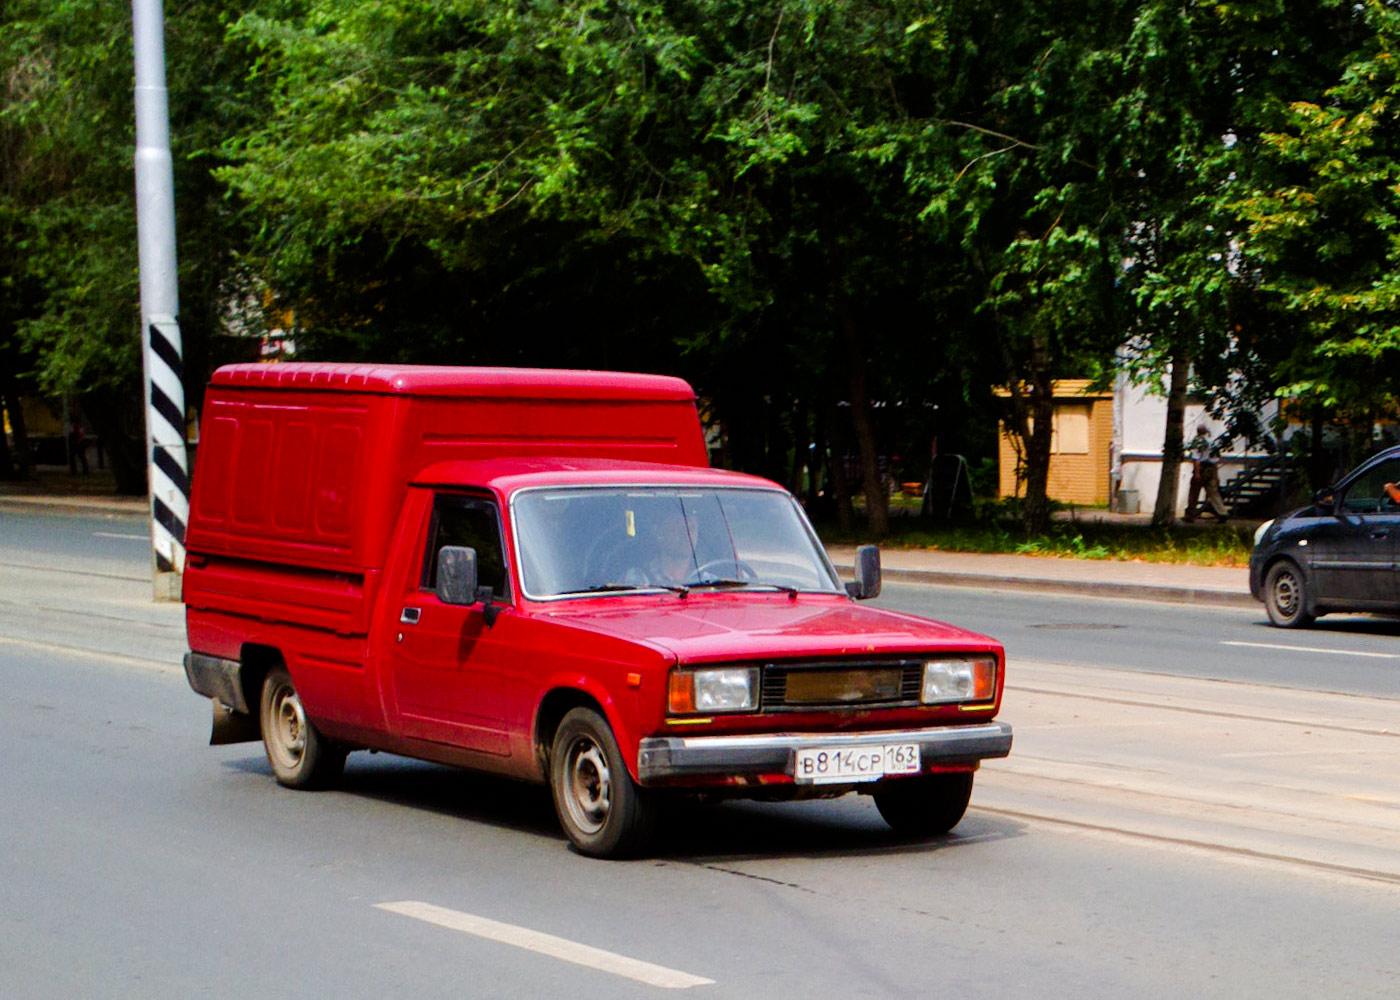 Цельнометаллический фургон на базе пикапа ИЖ-27175 #В814СР163. г. Самара, ул. Полевая